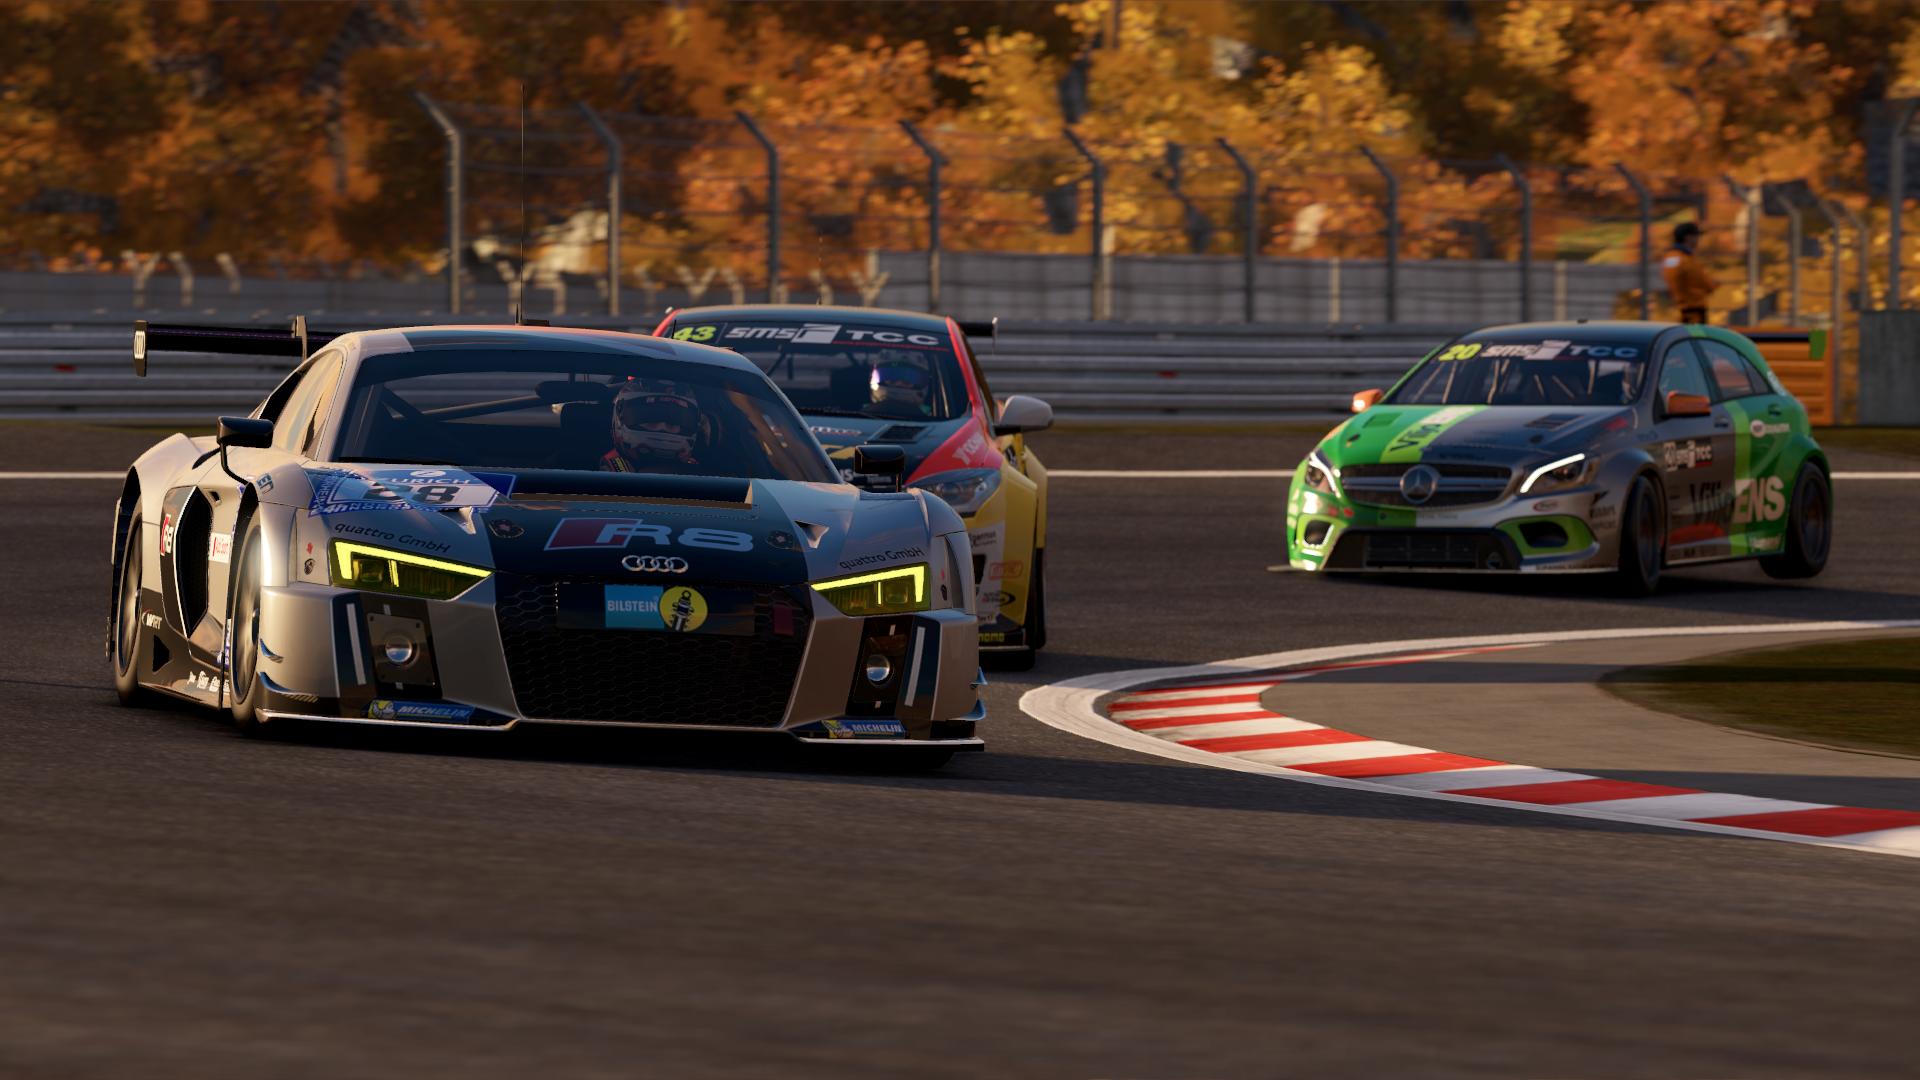 Game đua ô tô đến Ô tô dự án